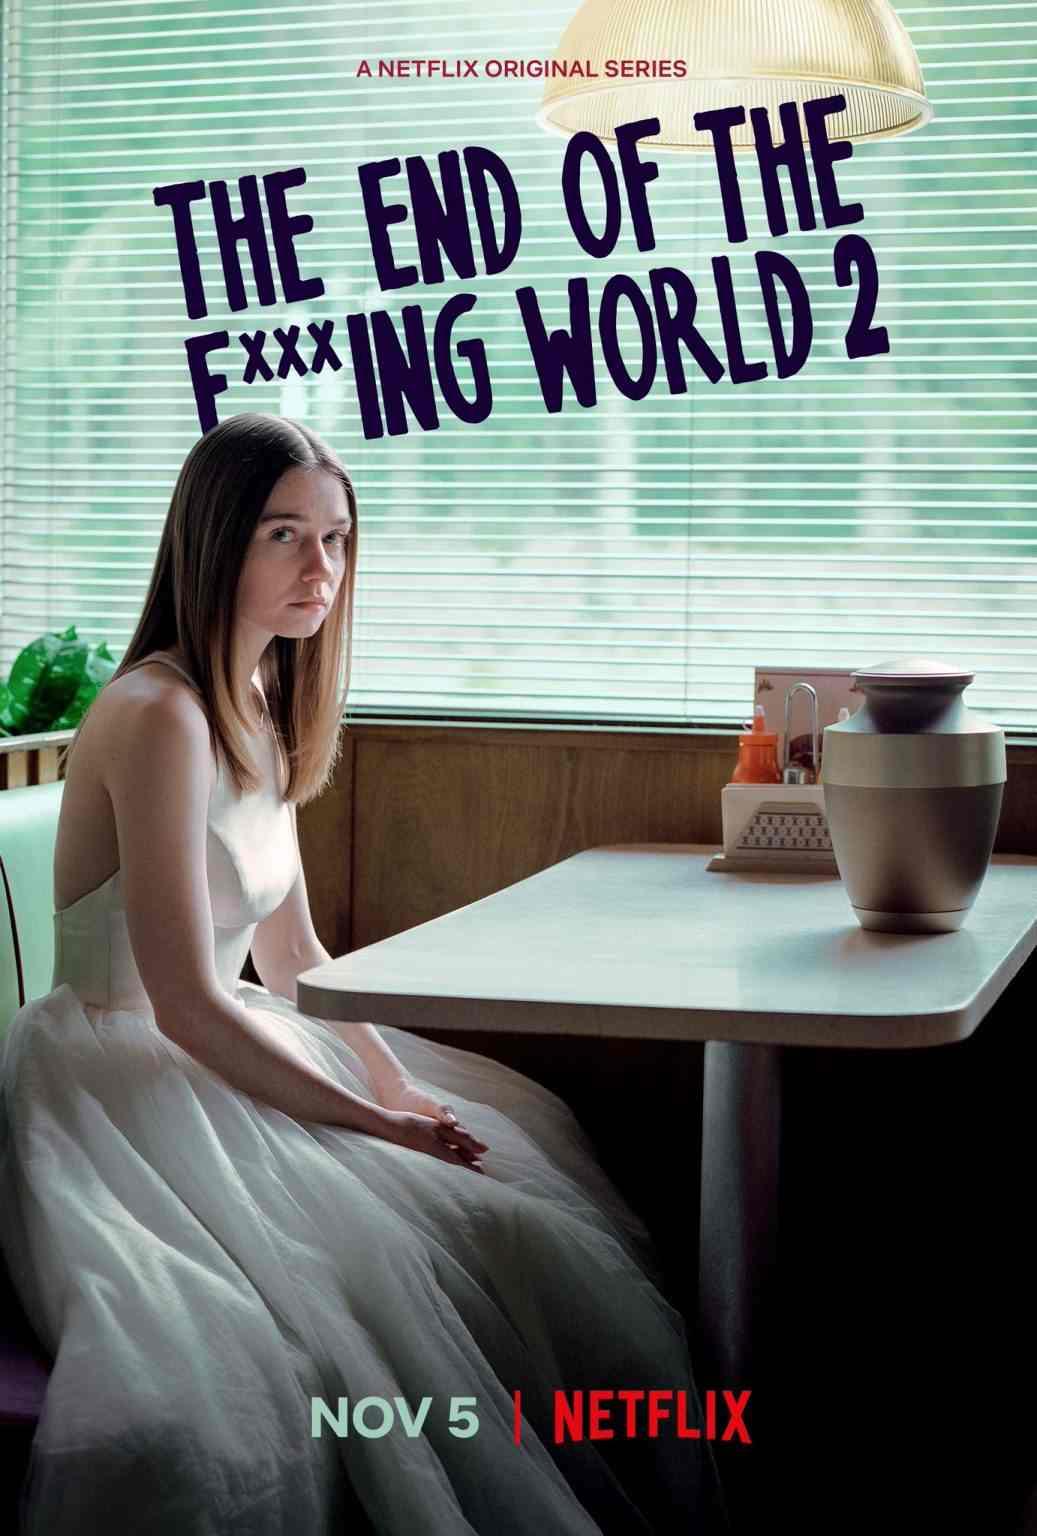 ดูหนัง The End of the F***ing World Season 2 (2019) โลกมันห่วย ช่วยไม่ได้ ดูหนังออนไลน์ฟรี ดูหนังฟรี ดูหนังใหม่ชนโรง หนังใหม่ล่าสุด หนังแอคชั่น หนังผจญภัย หนังแอนนิเมชั่น หนัง HD ได้ที่ movie24x.com